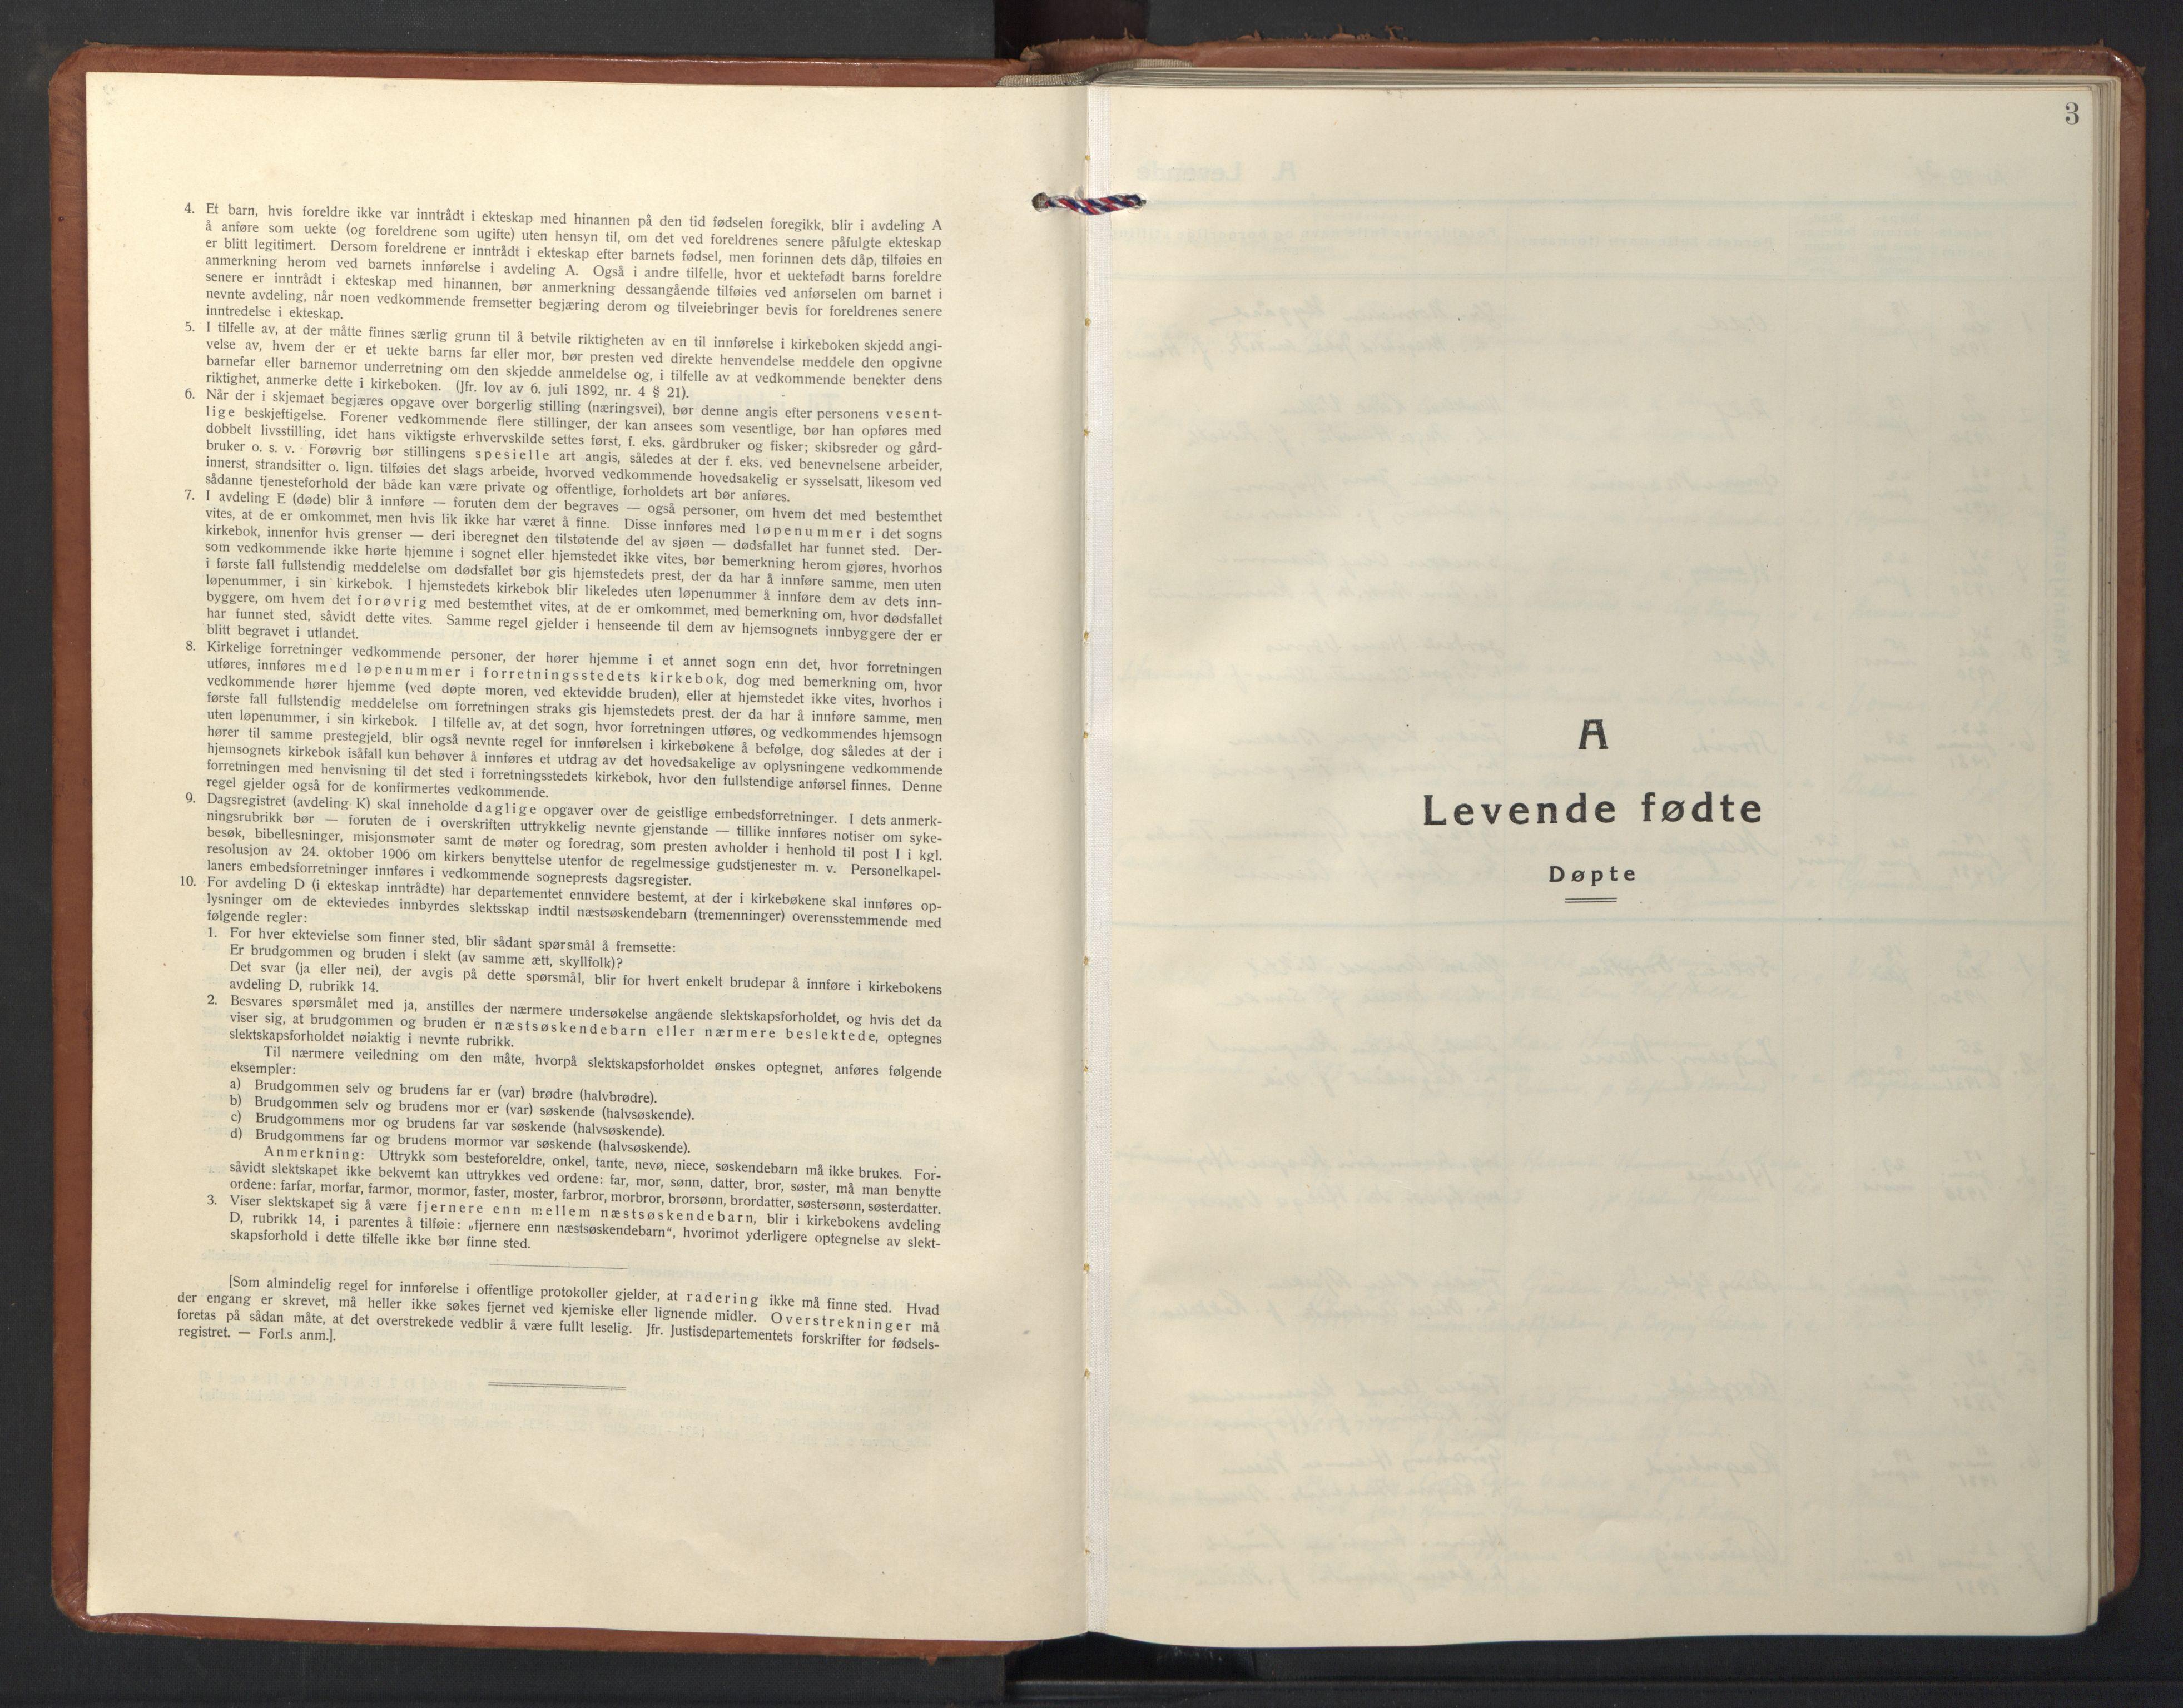 SAT, Ministerialprotokoller, klokkerbøker og fødselsregistre - Nord-Trøndelag, 713/L0125: Klokkerbok nr. 713C02, 1931-1941, s. 3